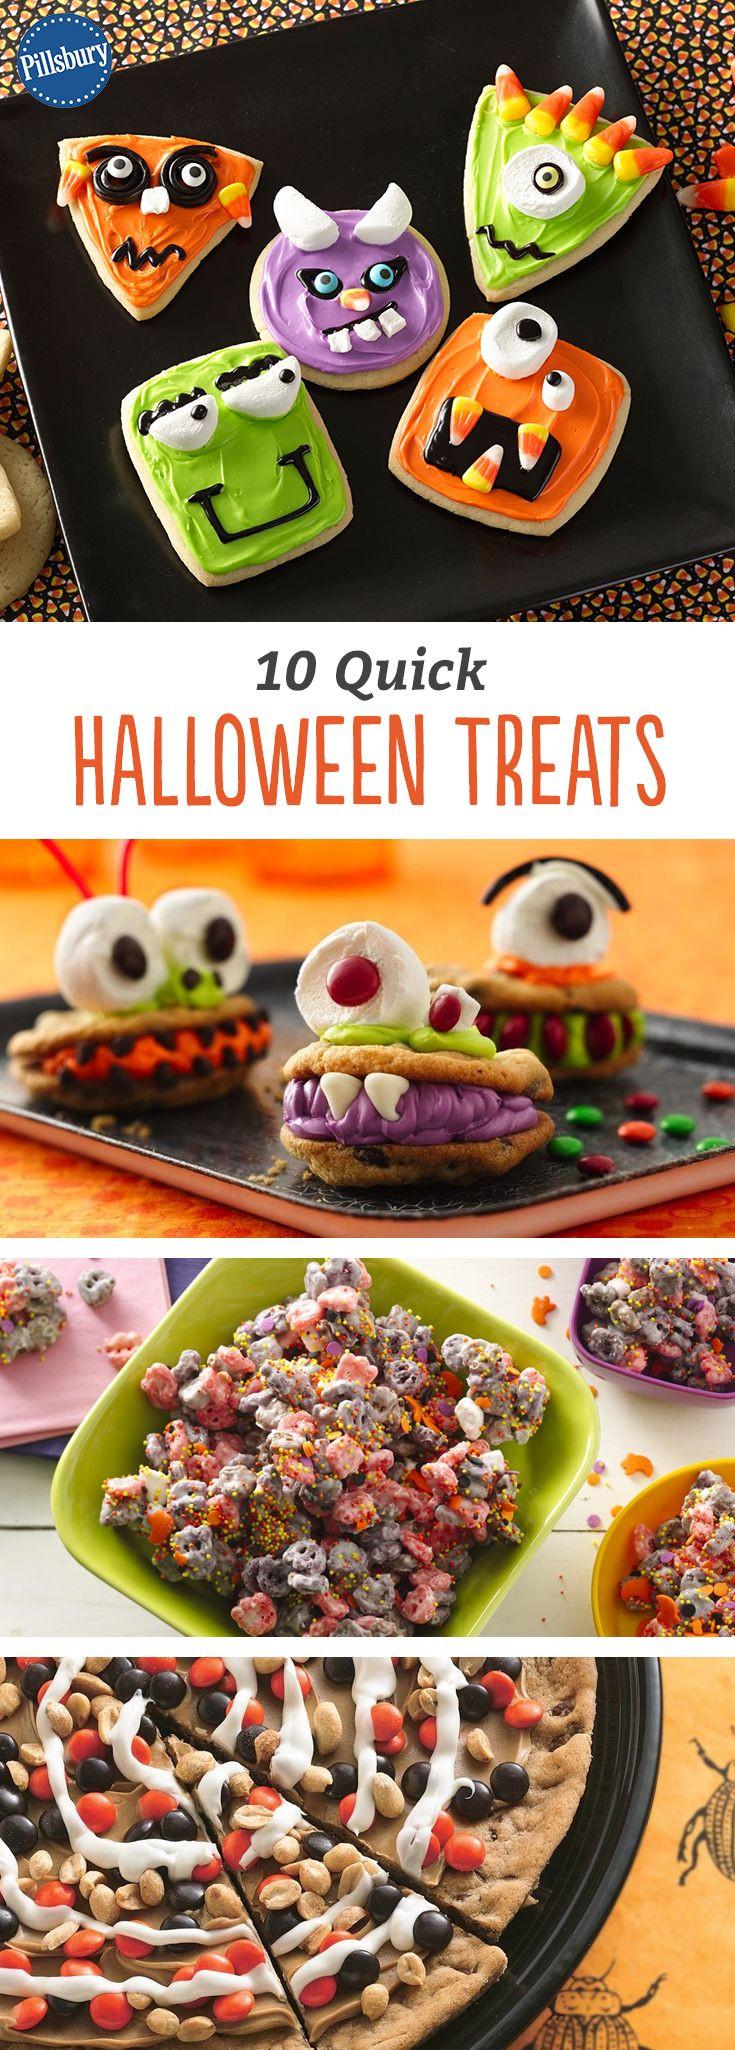 Quick Halloween Desserts  10 Quick Halloween Treats